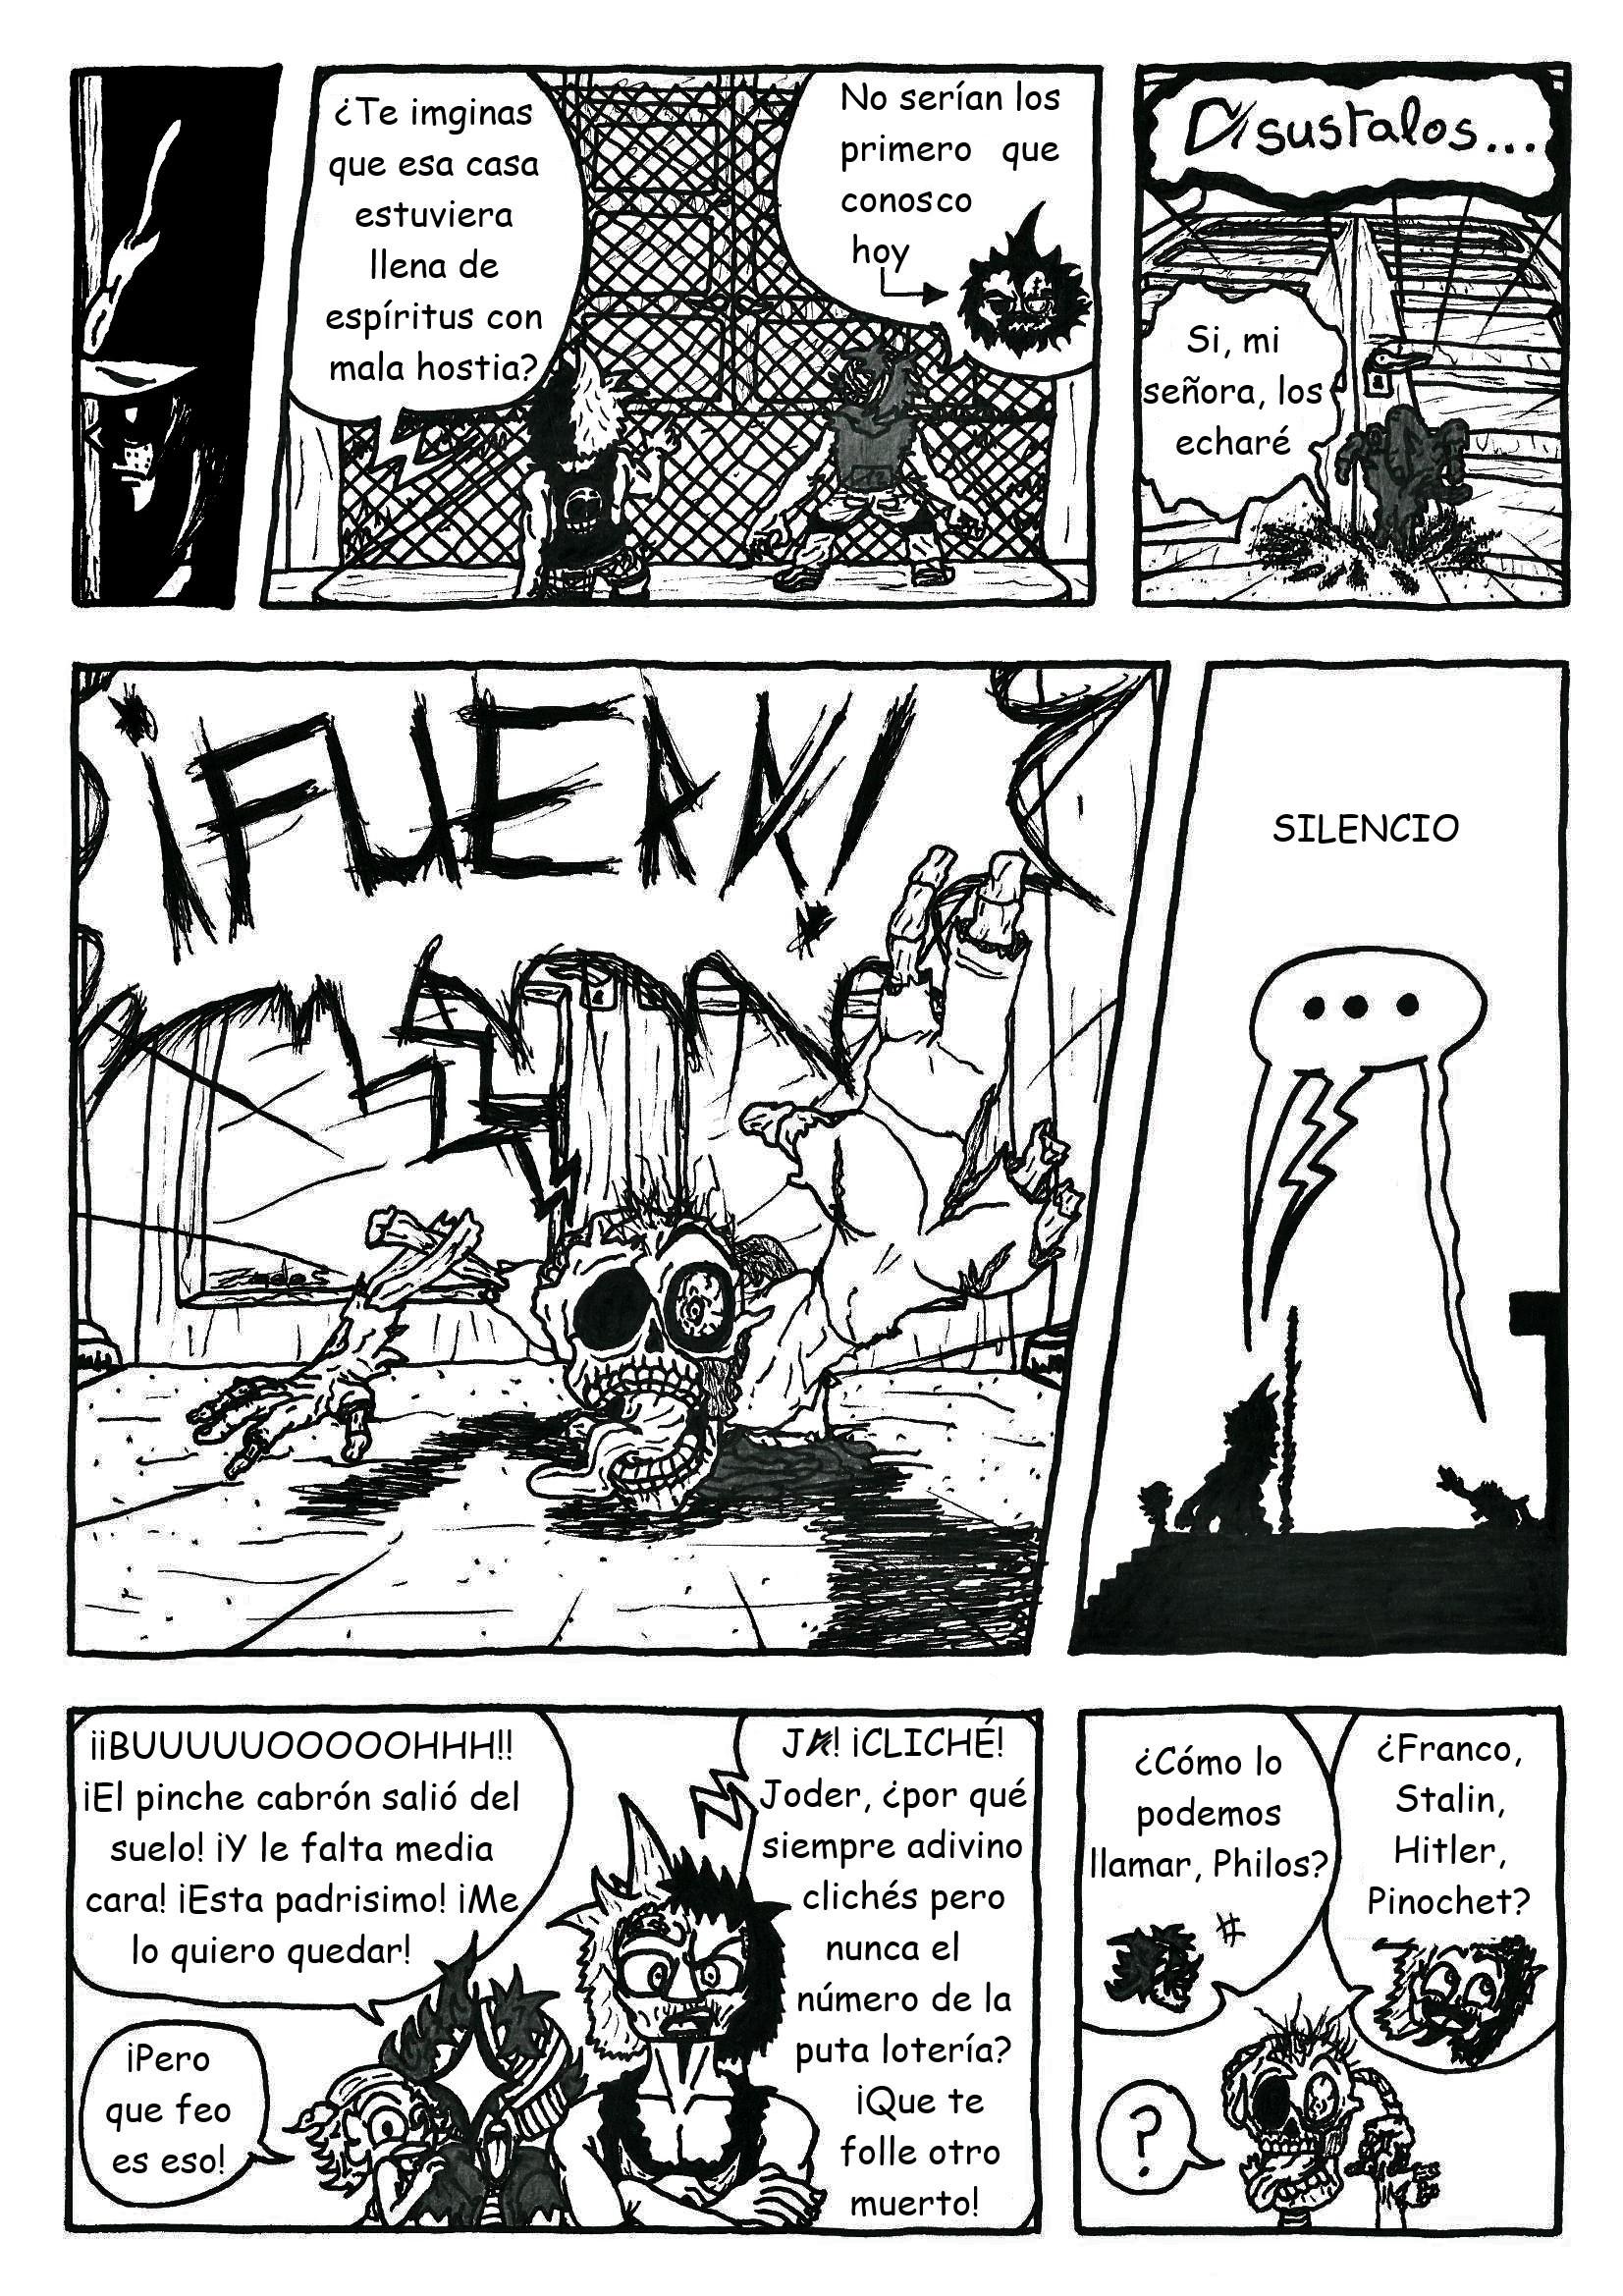 Avatar_02_J_Angel_Casado_Fuster_pagina00031